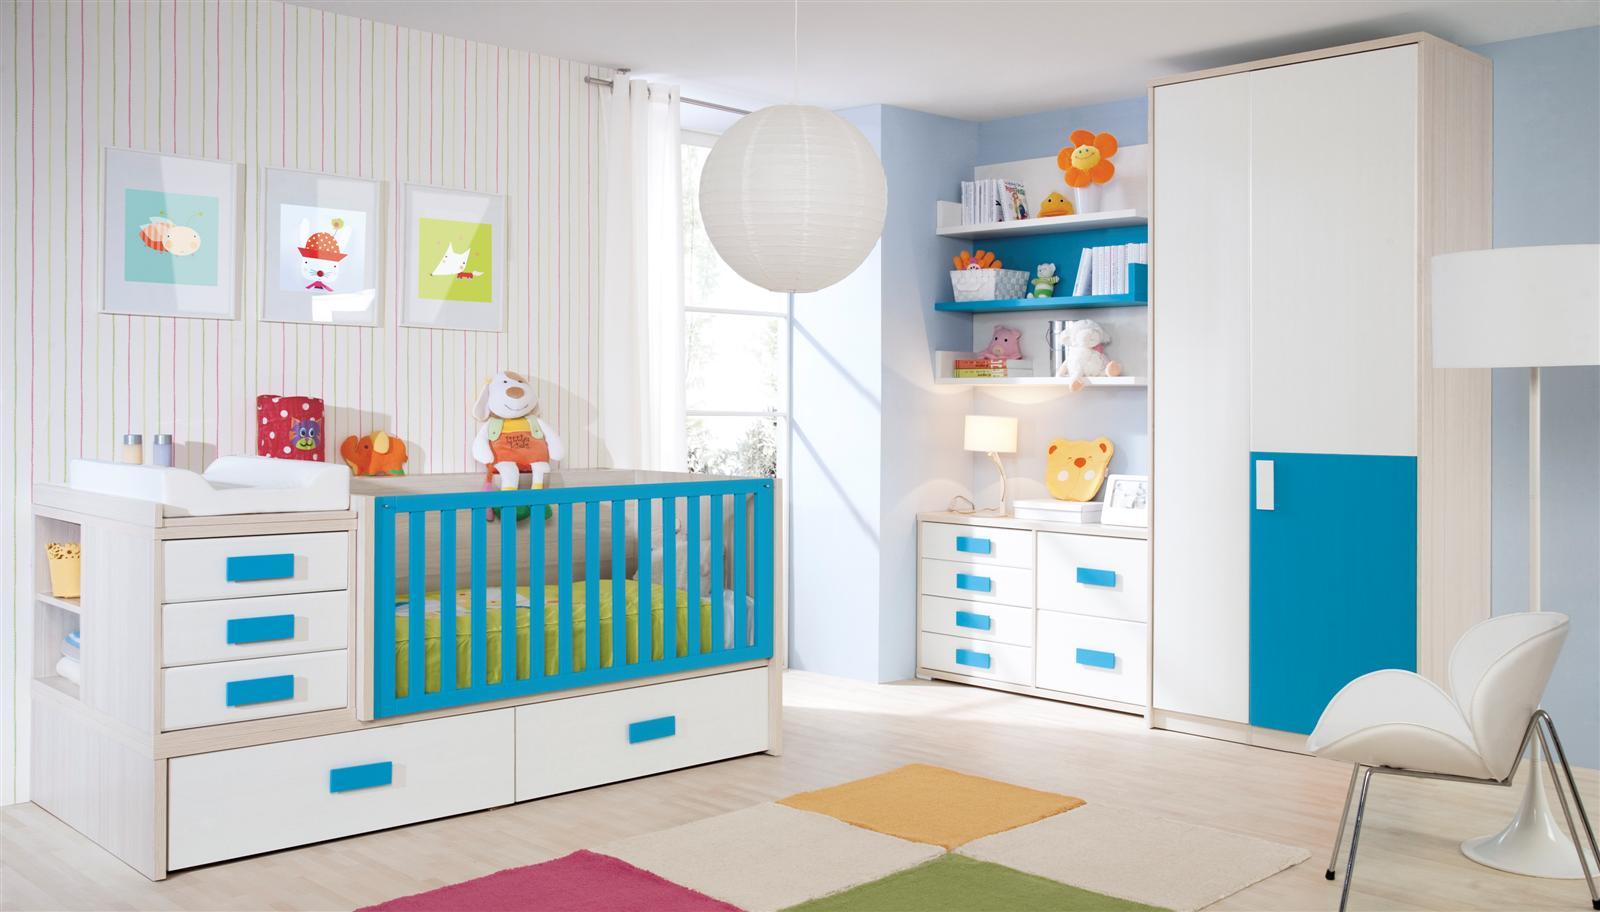 Psicolog a del color para decorar habitaciones infantiles - Habitaciones infantiles de diseno ...